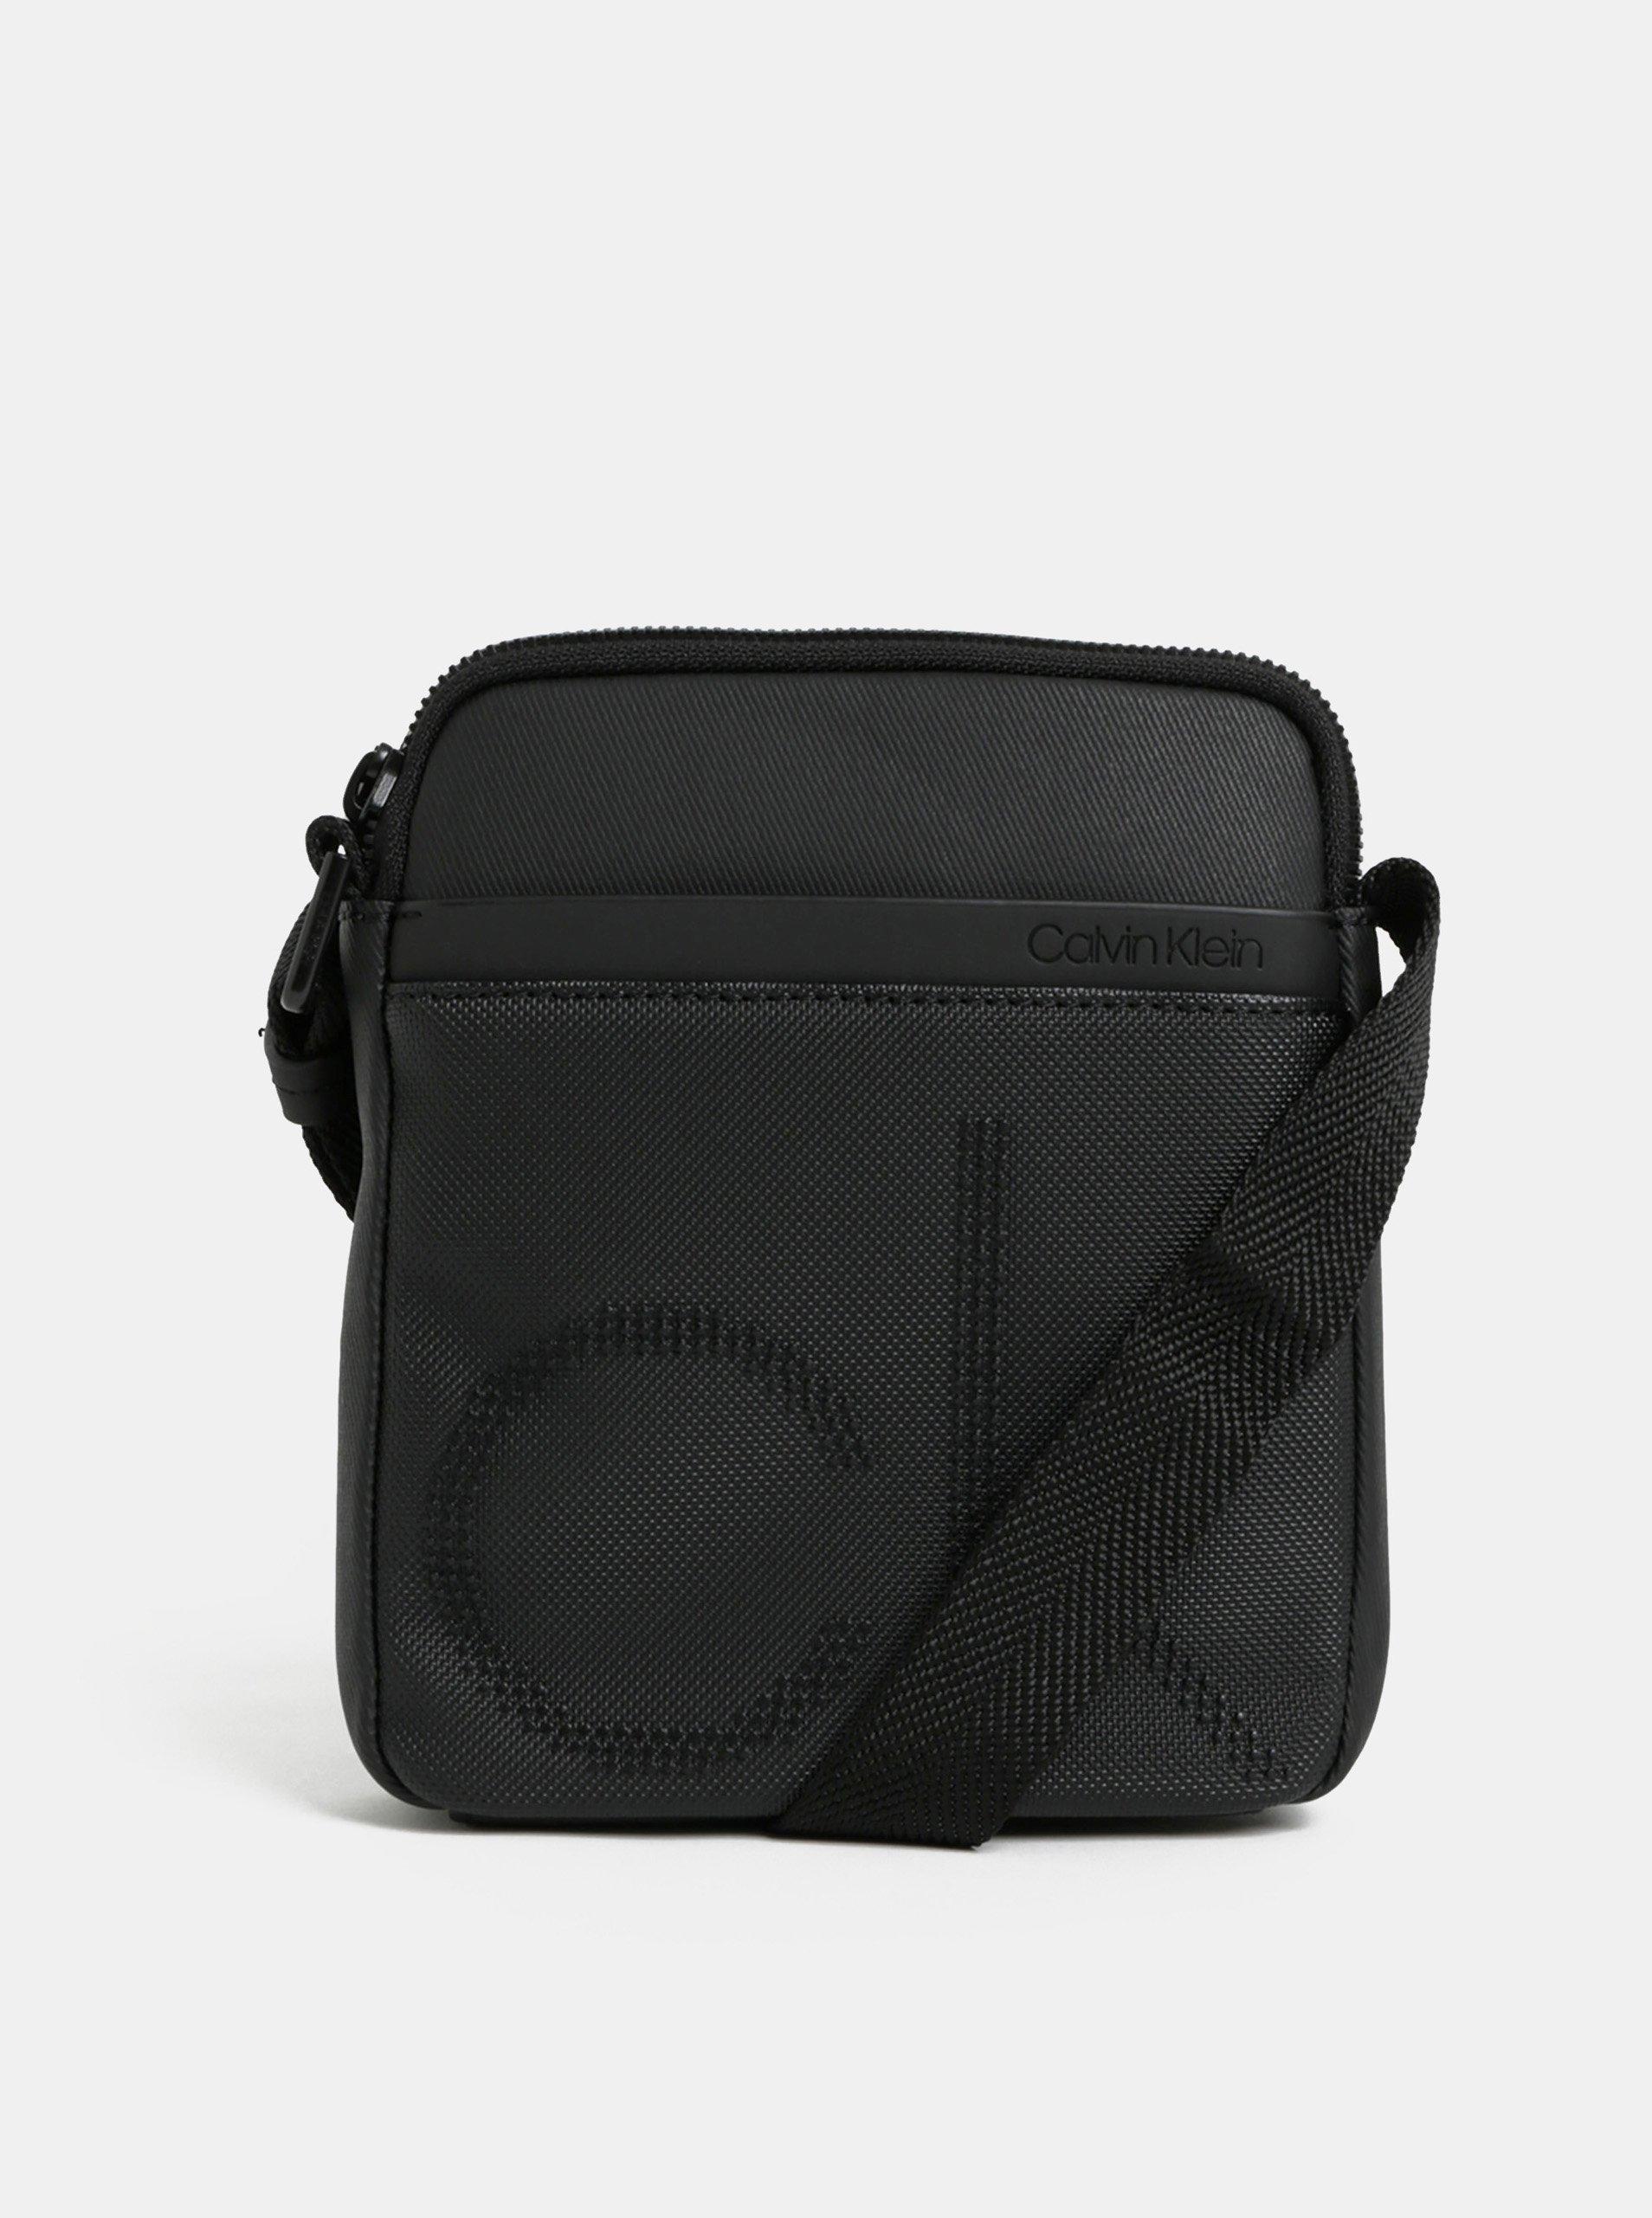 Čierna pánska crossbody taška Calvin klein Jeans c85947ac627